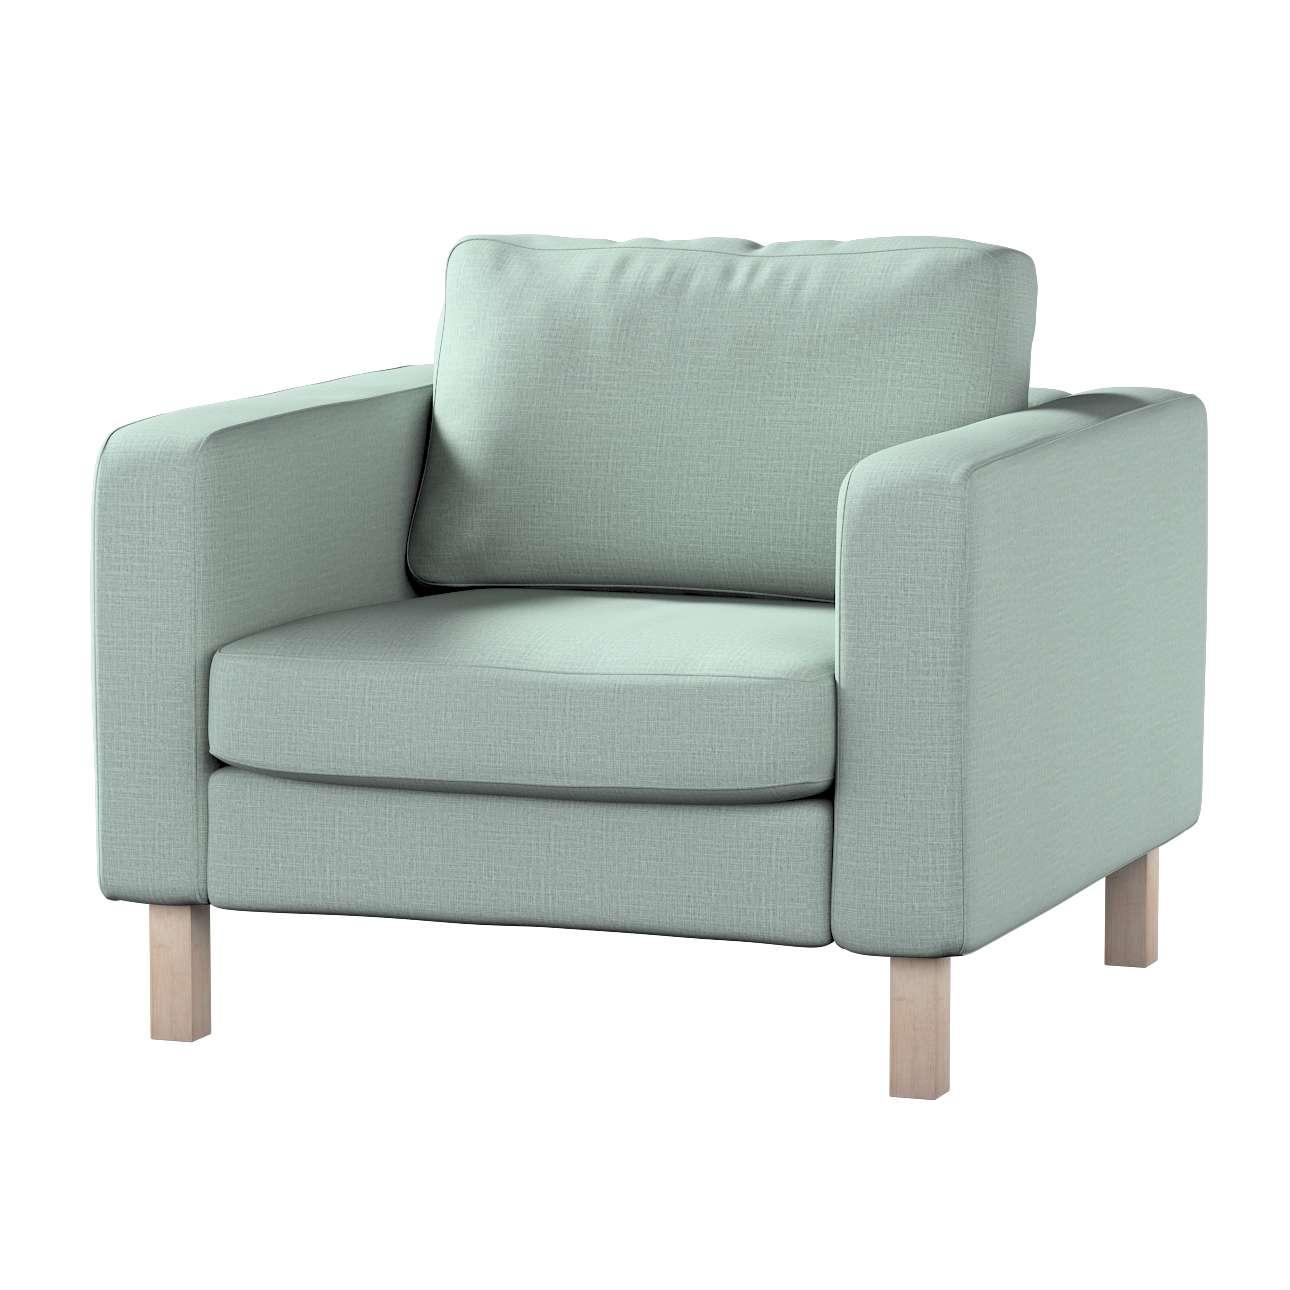 Pokrowiec na fotel Karlstad, krótki w kolekcji Living, tkanina: 160-86